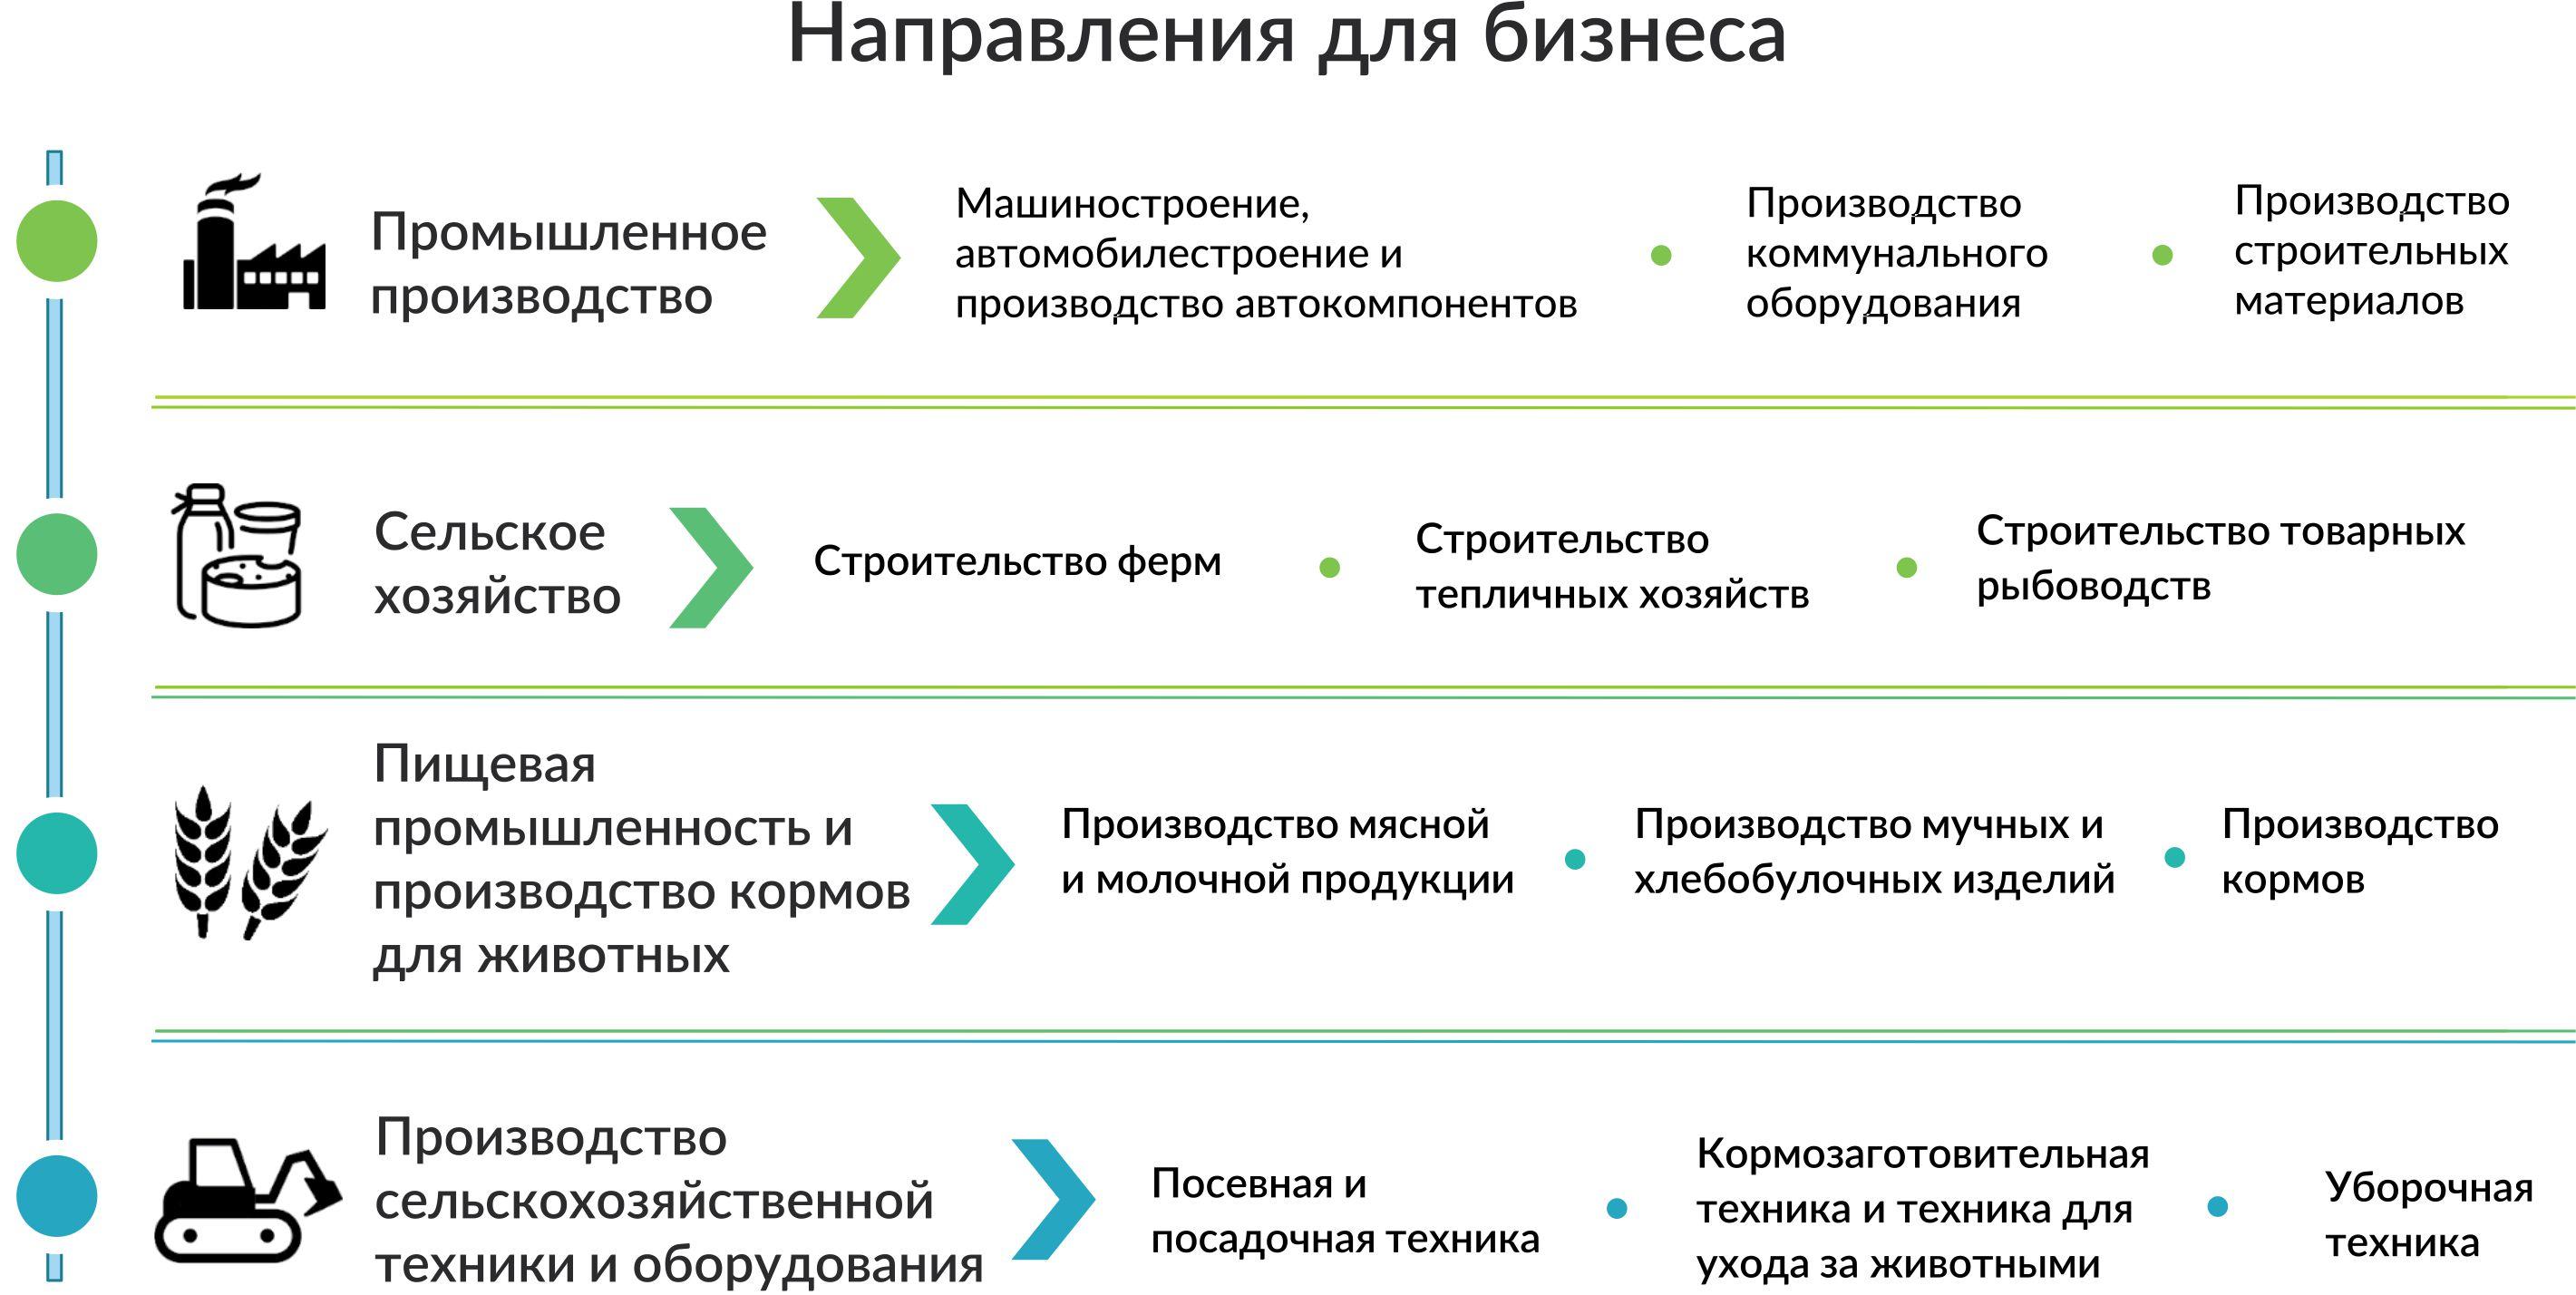 Тинькофф кредит на бизнес условия